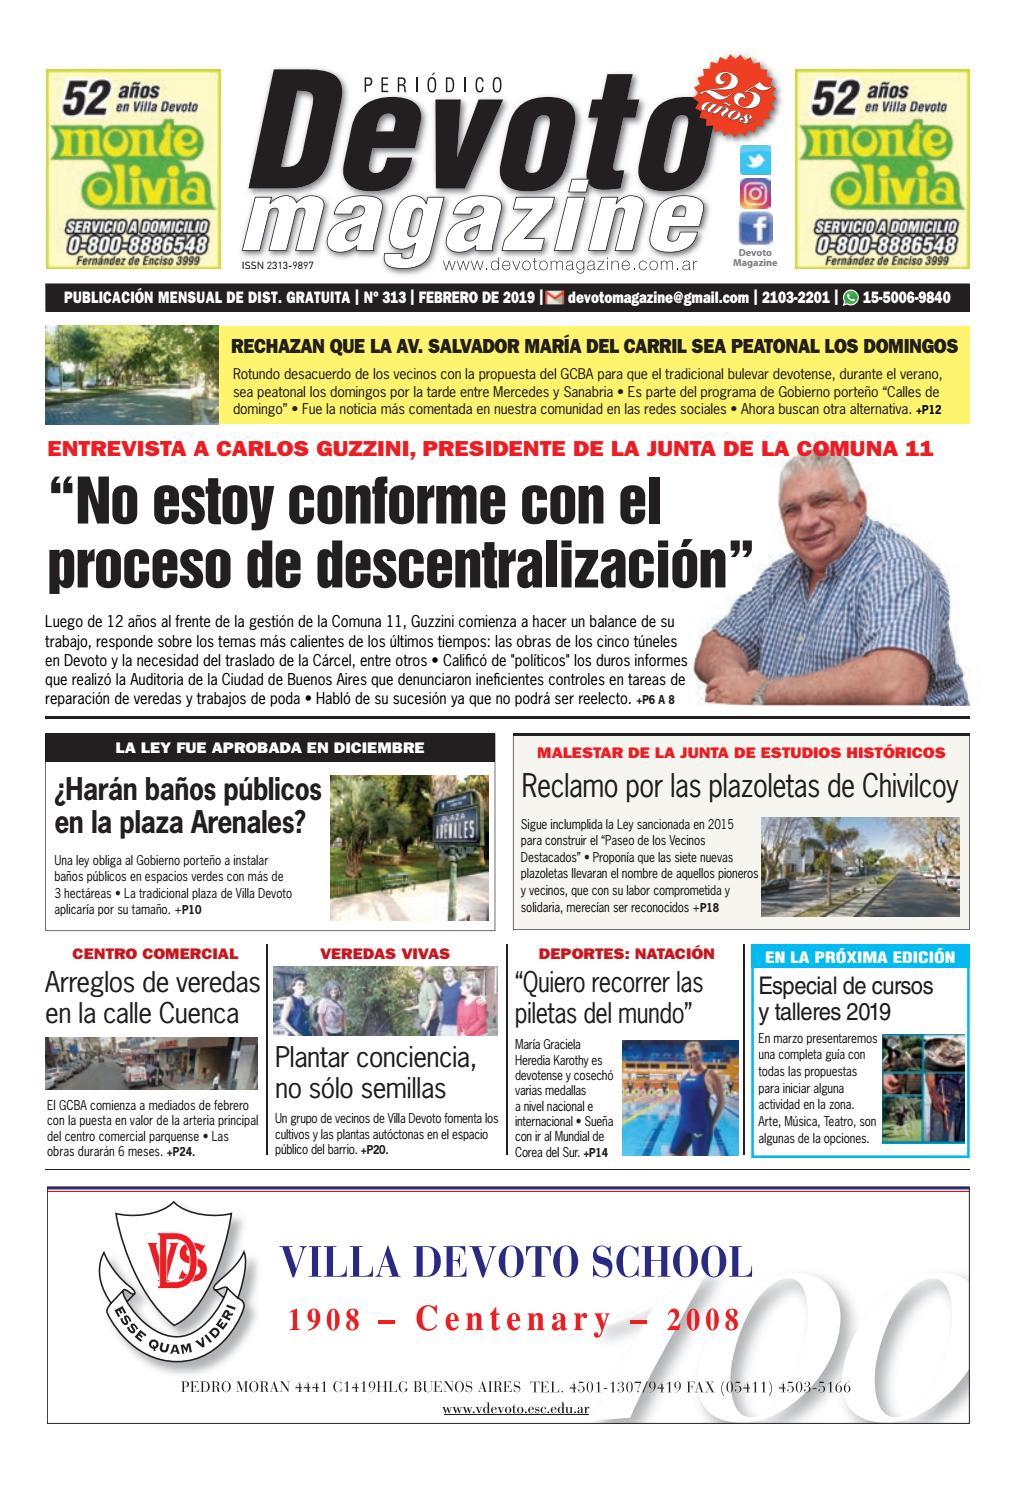 41cd3824e377 Devoto Magazine Nº 313 - Febrero de 2019 by Devoto Magazine - issuu